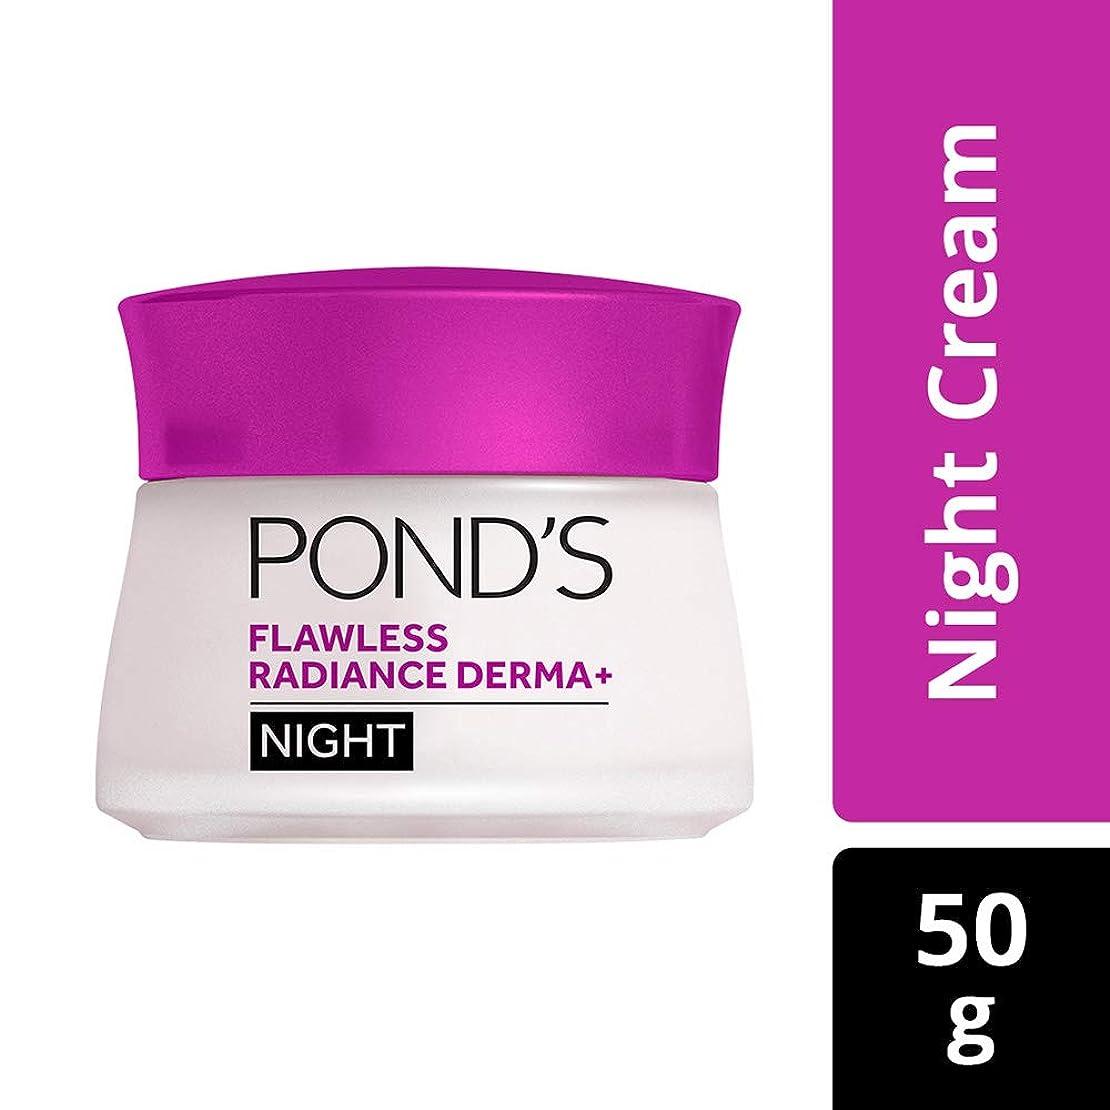 篭アパート観点Pond's Flawless Radiance Derma+ Night Cream, 50 g (並行インポート) India